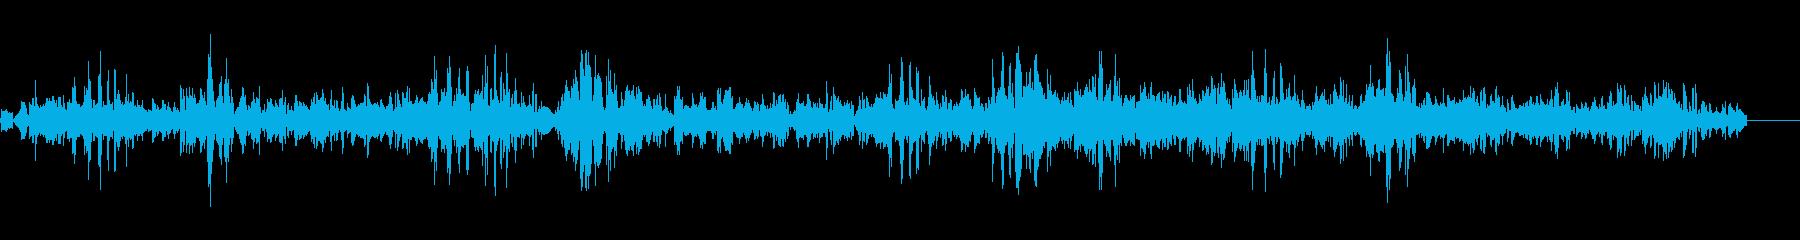 きしむと動きを持つグループバットの再生済みの波形